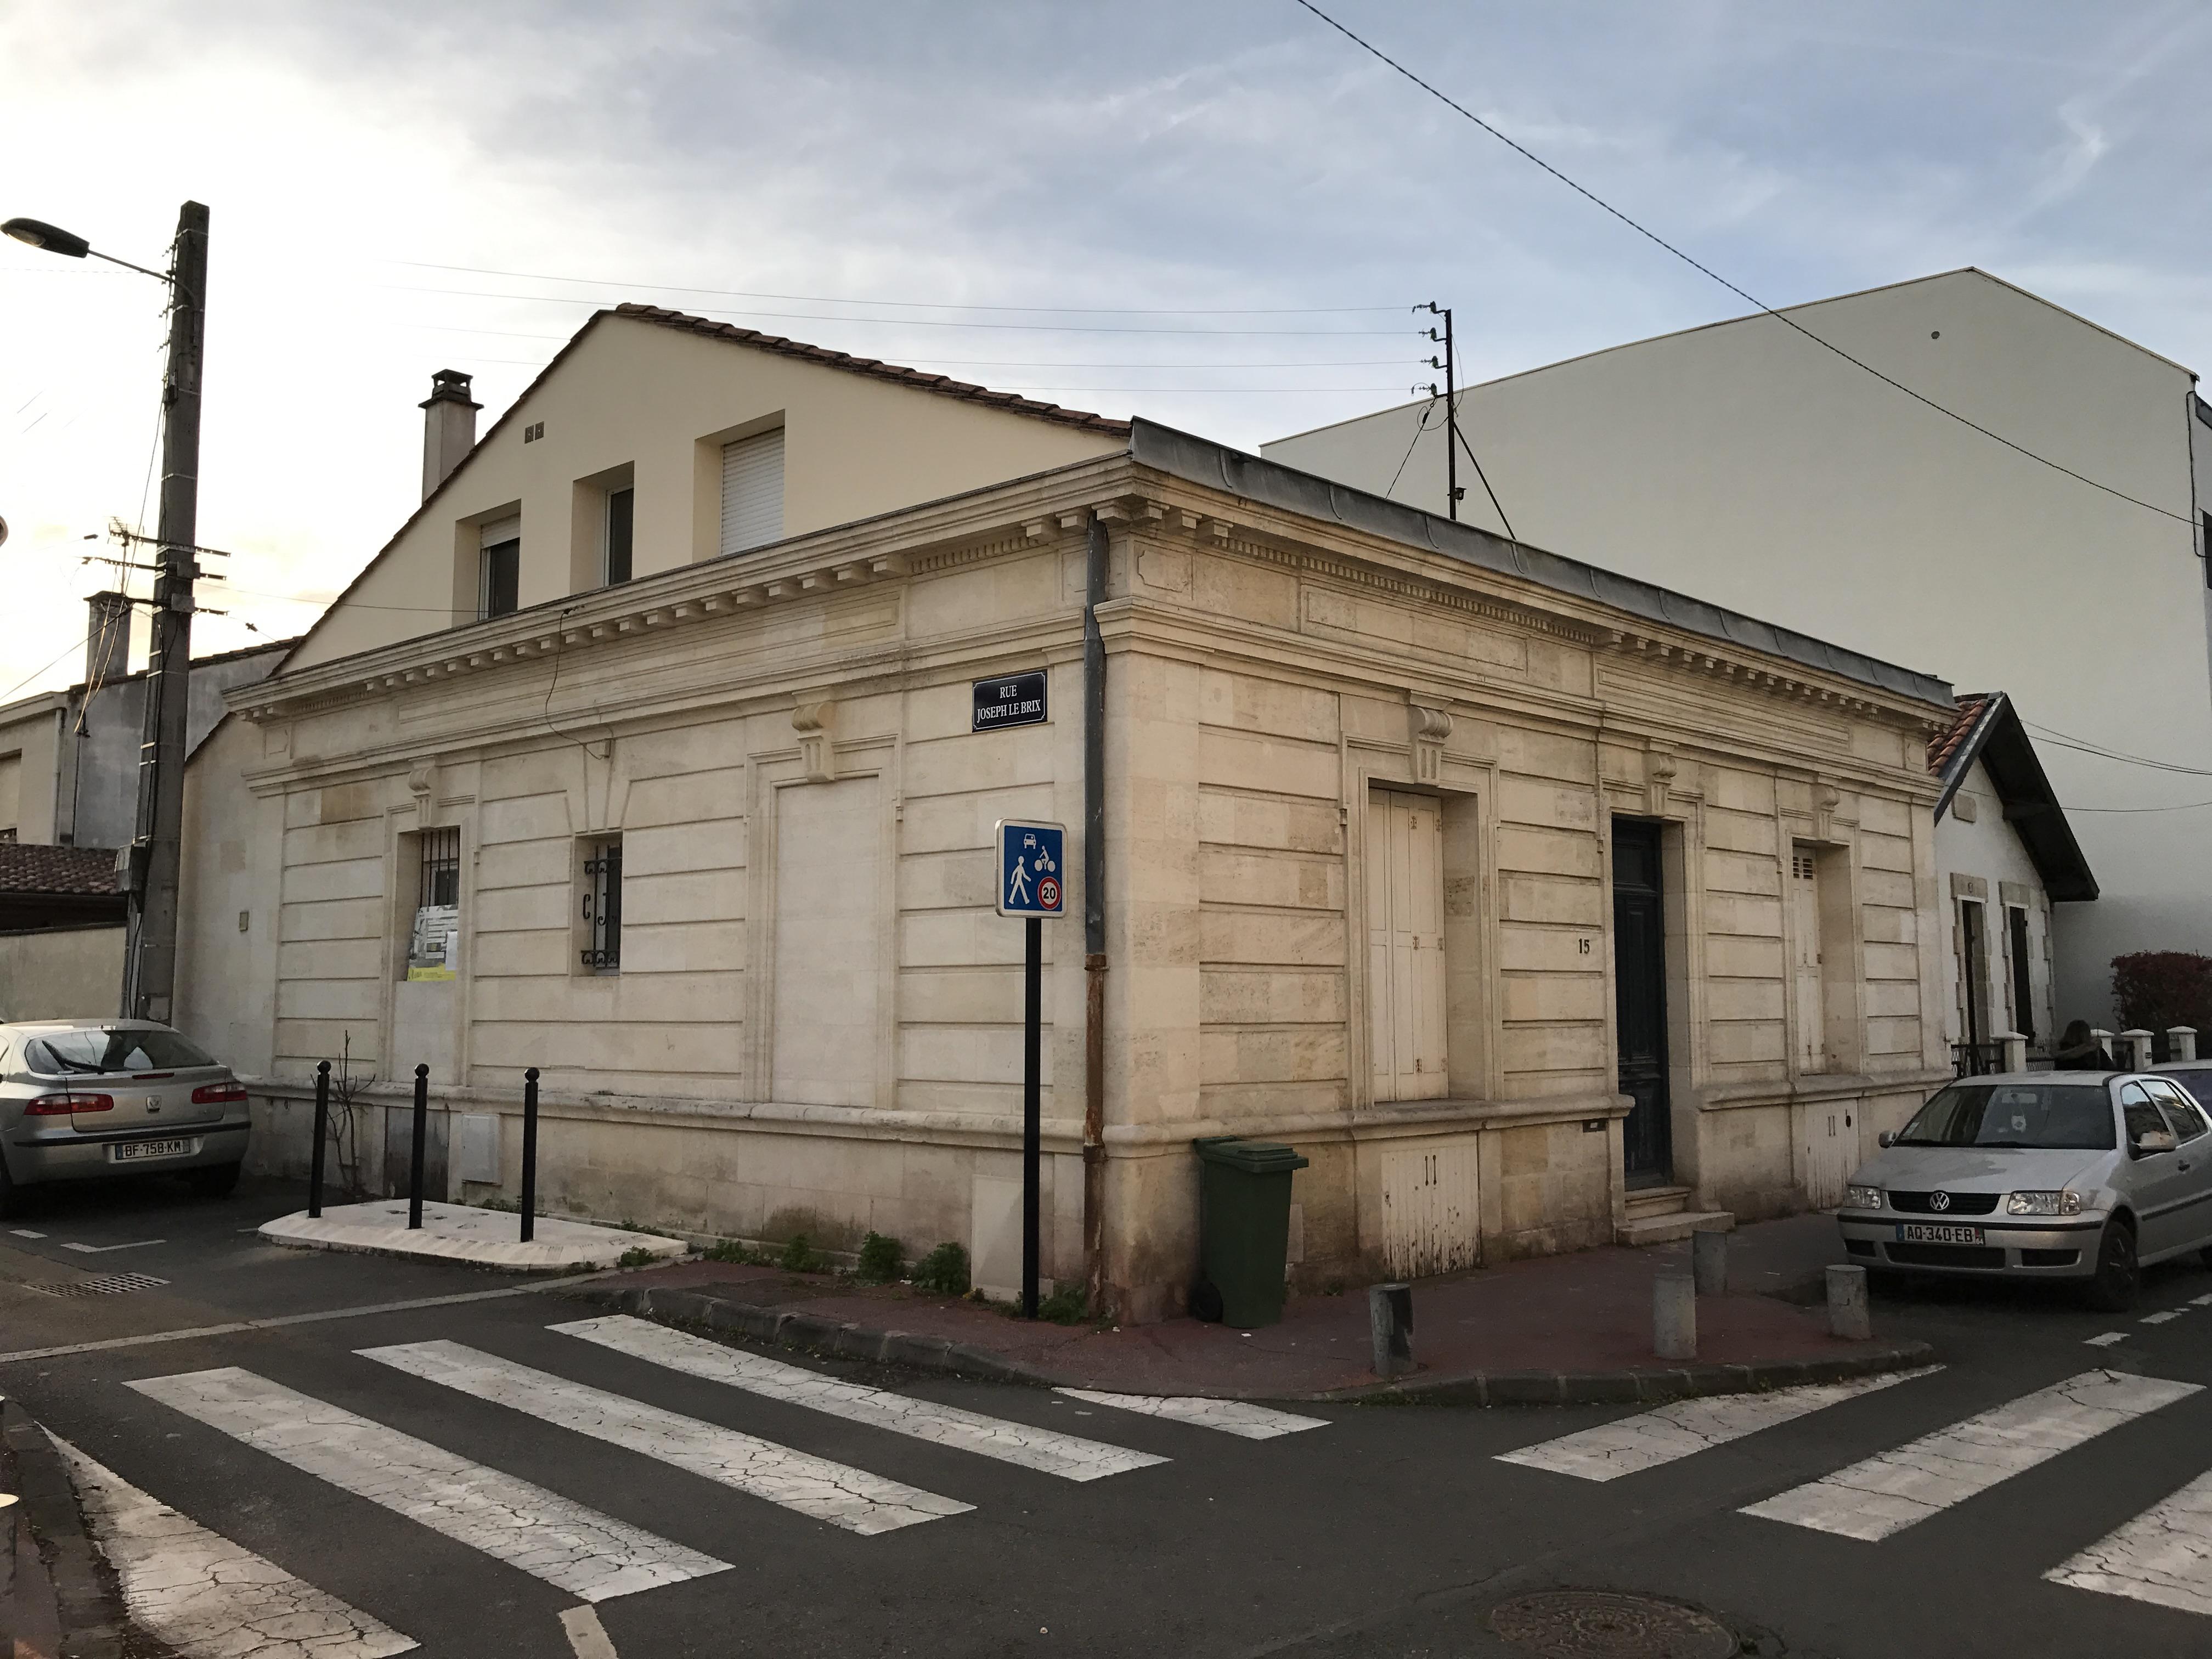 Bordeaux saint augustin br3 bordeaux recherche for Agence immobiliere bordeaux saint augustin